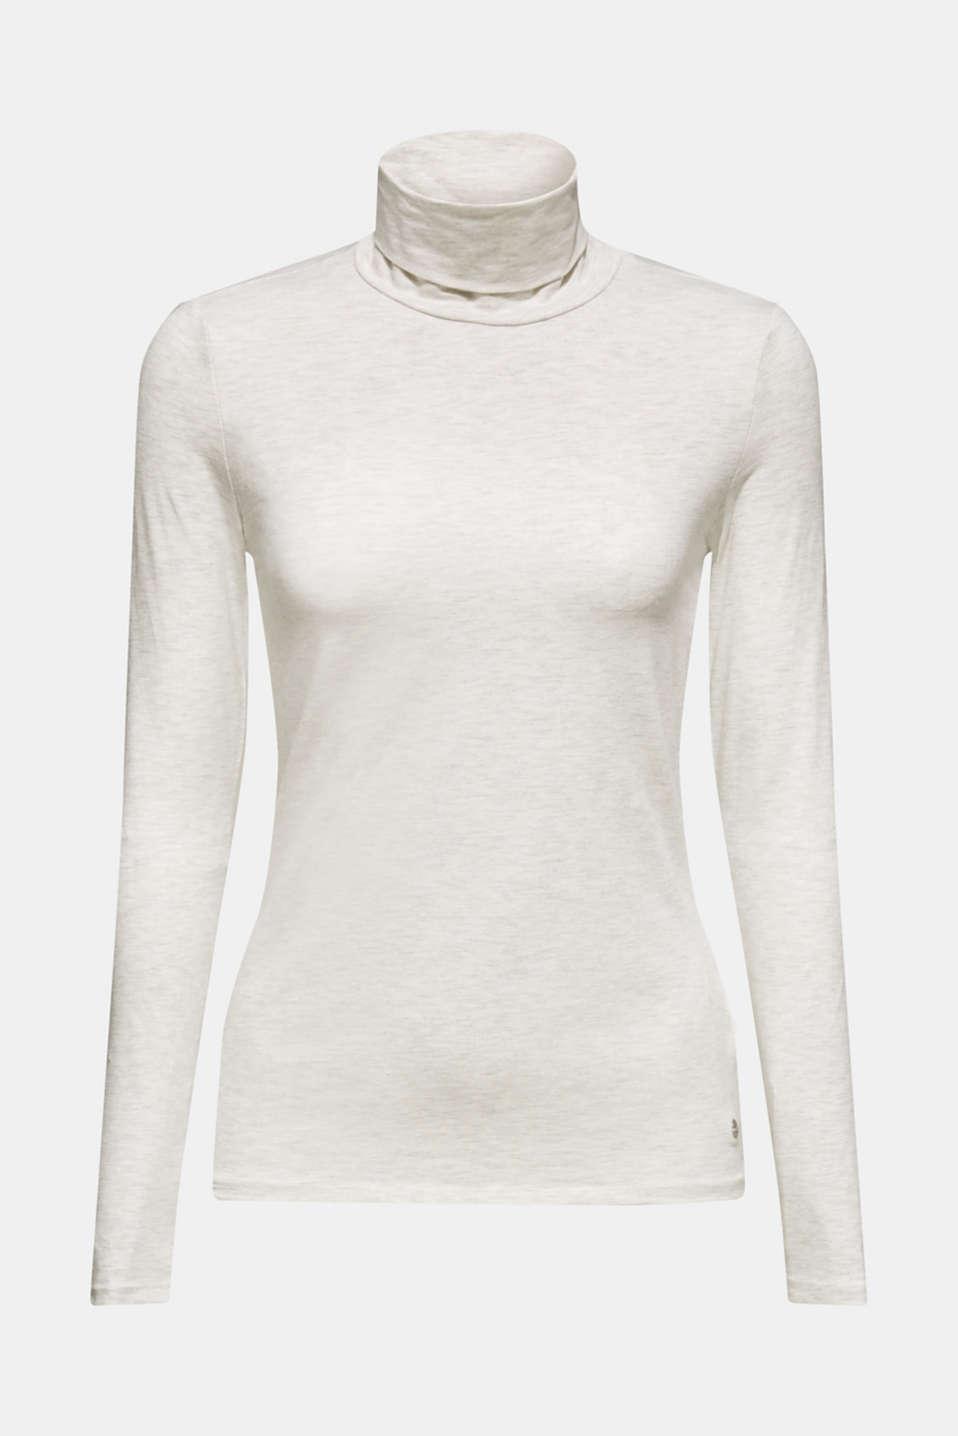 T-Shirts, LIGHT BEIGE 5, detail image number 6